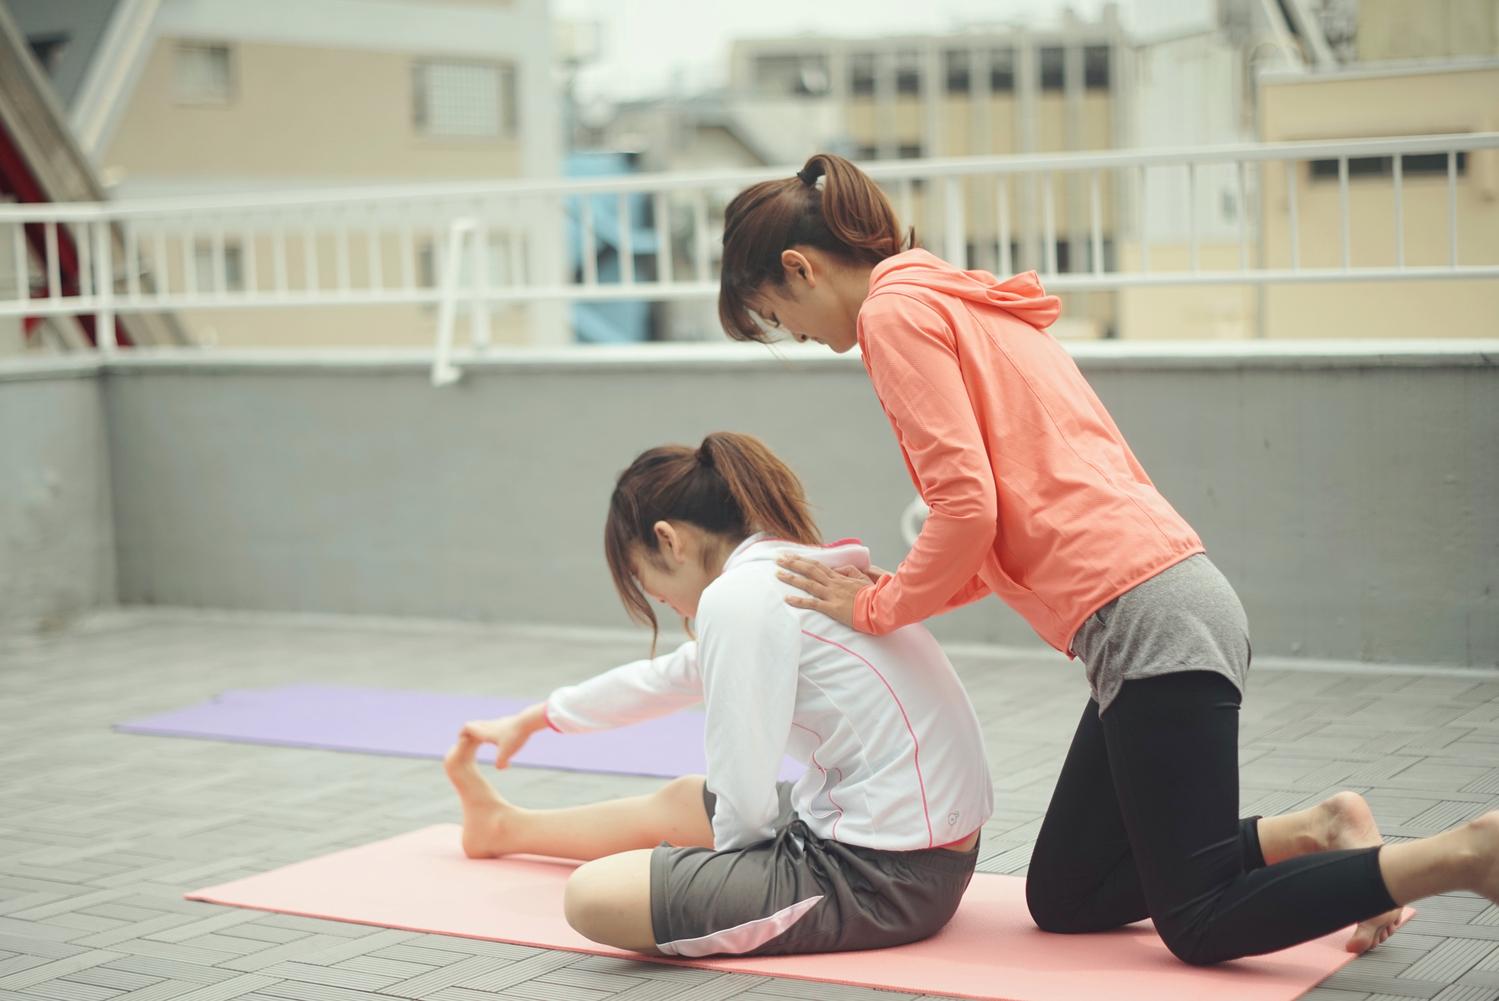 適度な運動やマッサージを